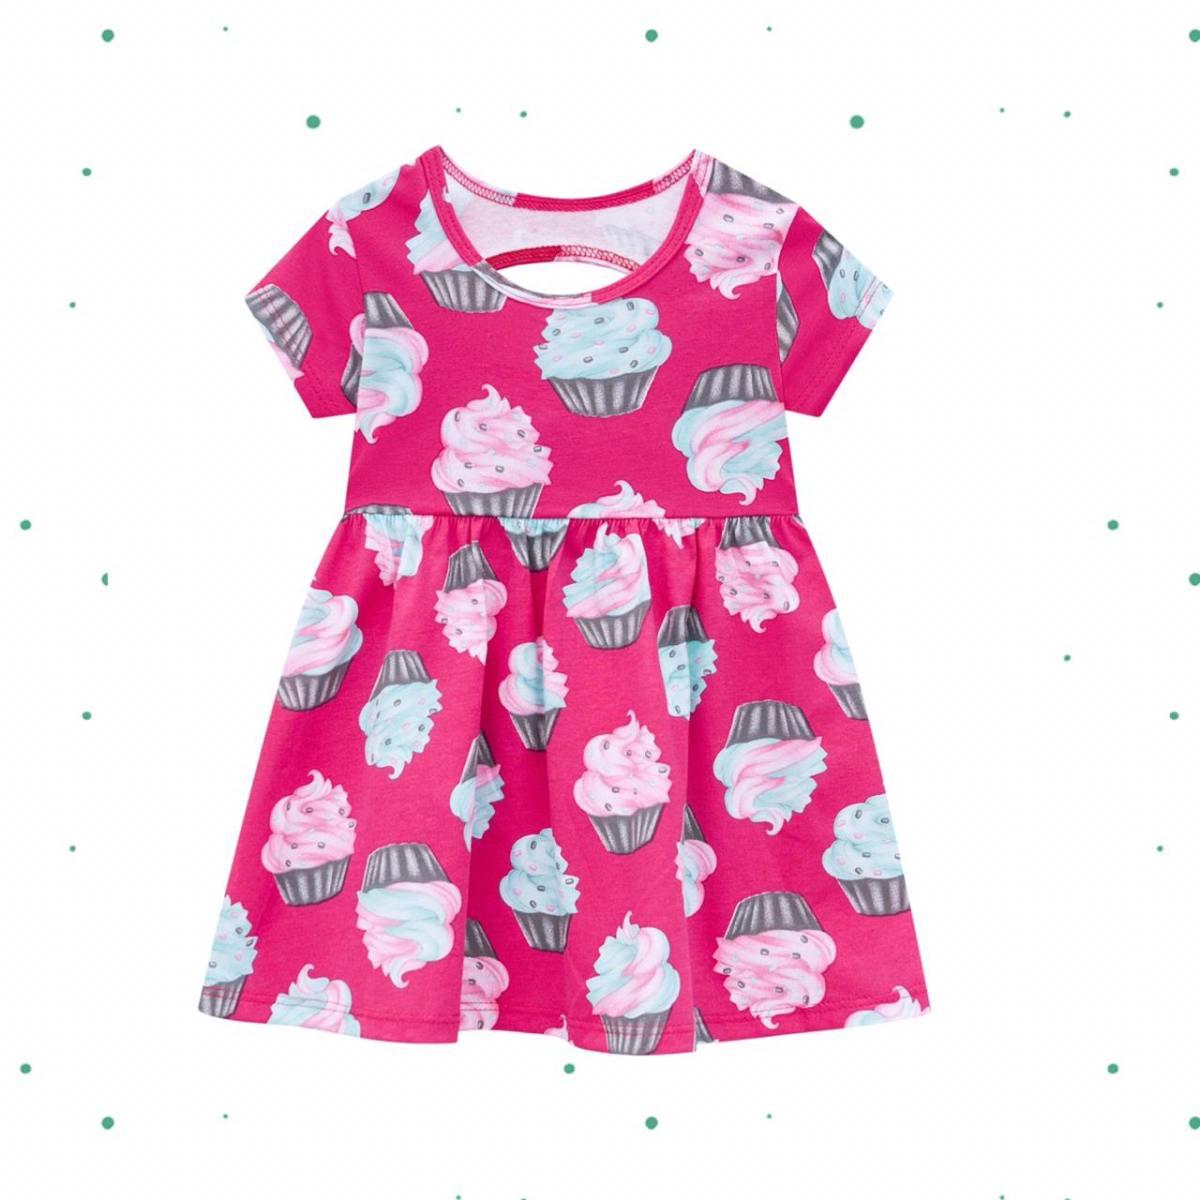 Vestido Infantil Kyly em Algodão na cor Rosa Choque